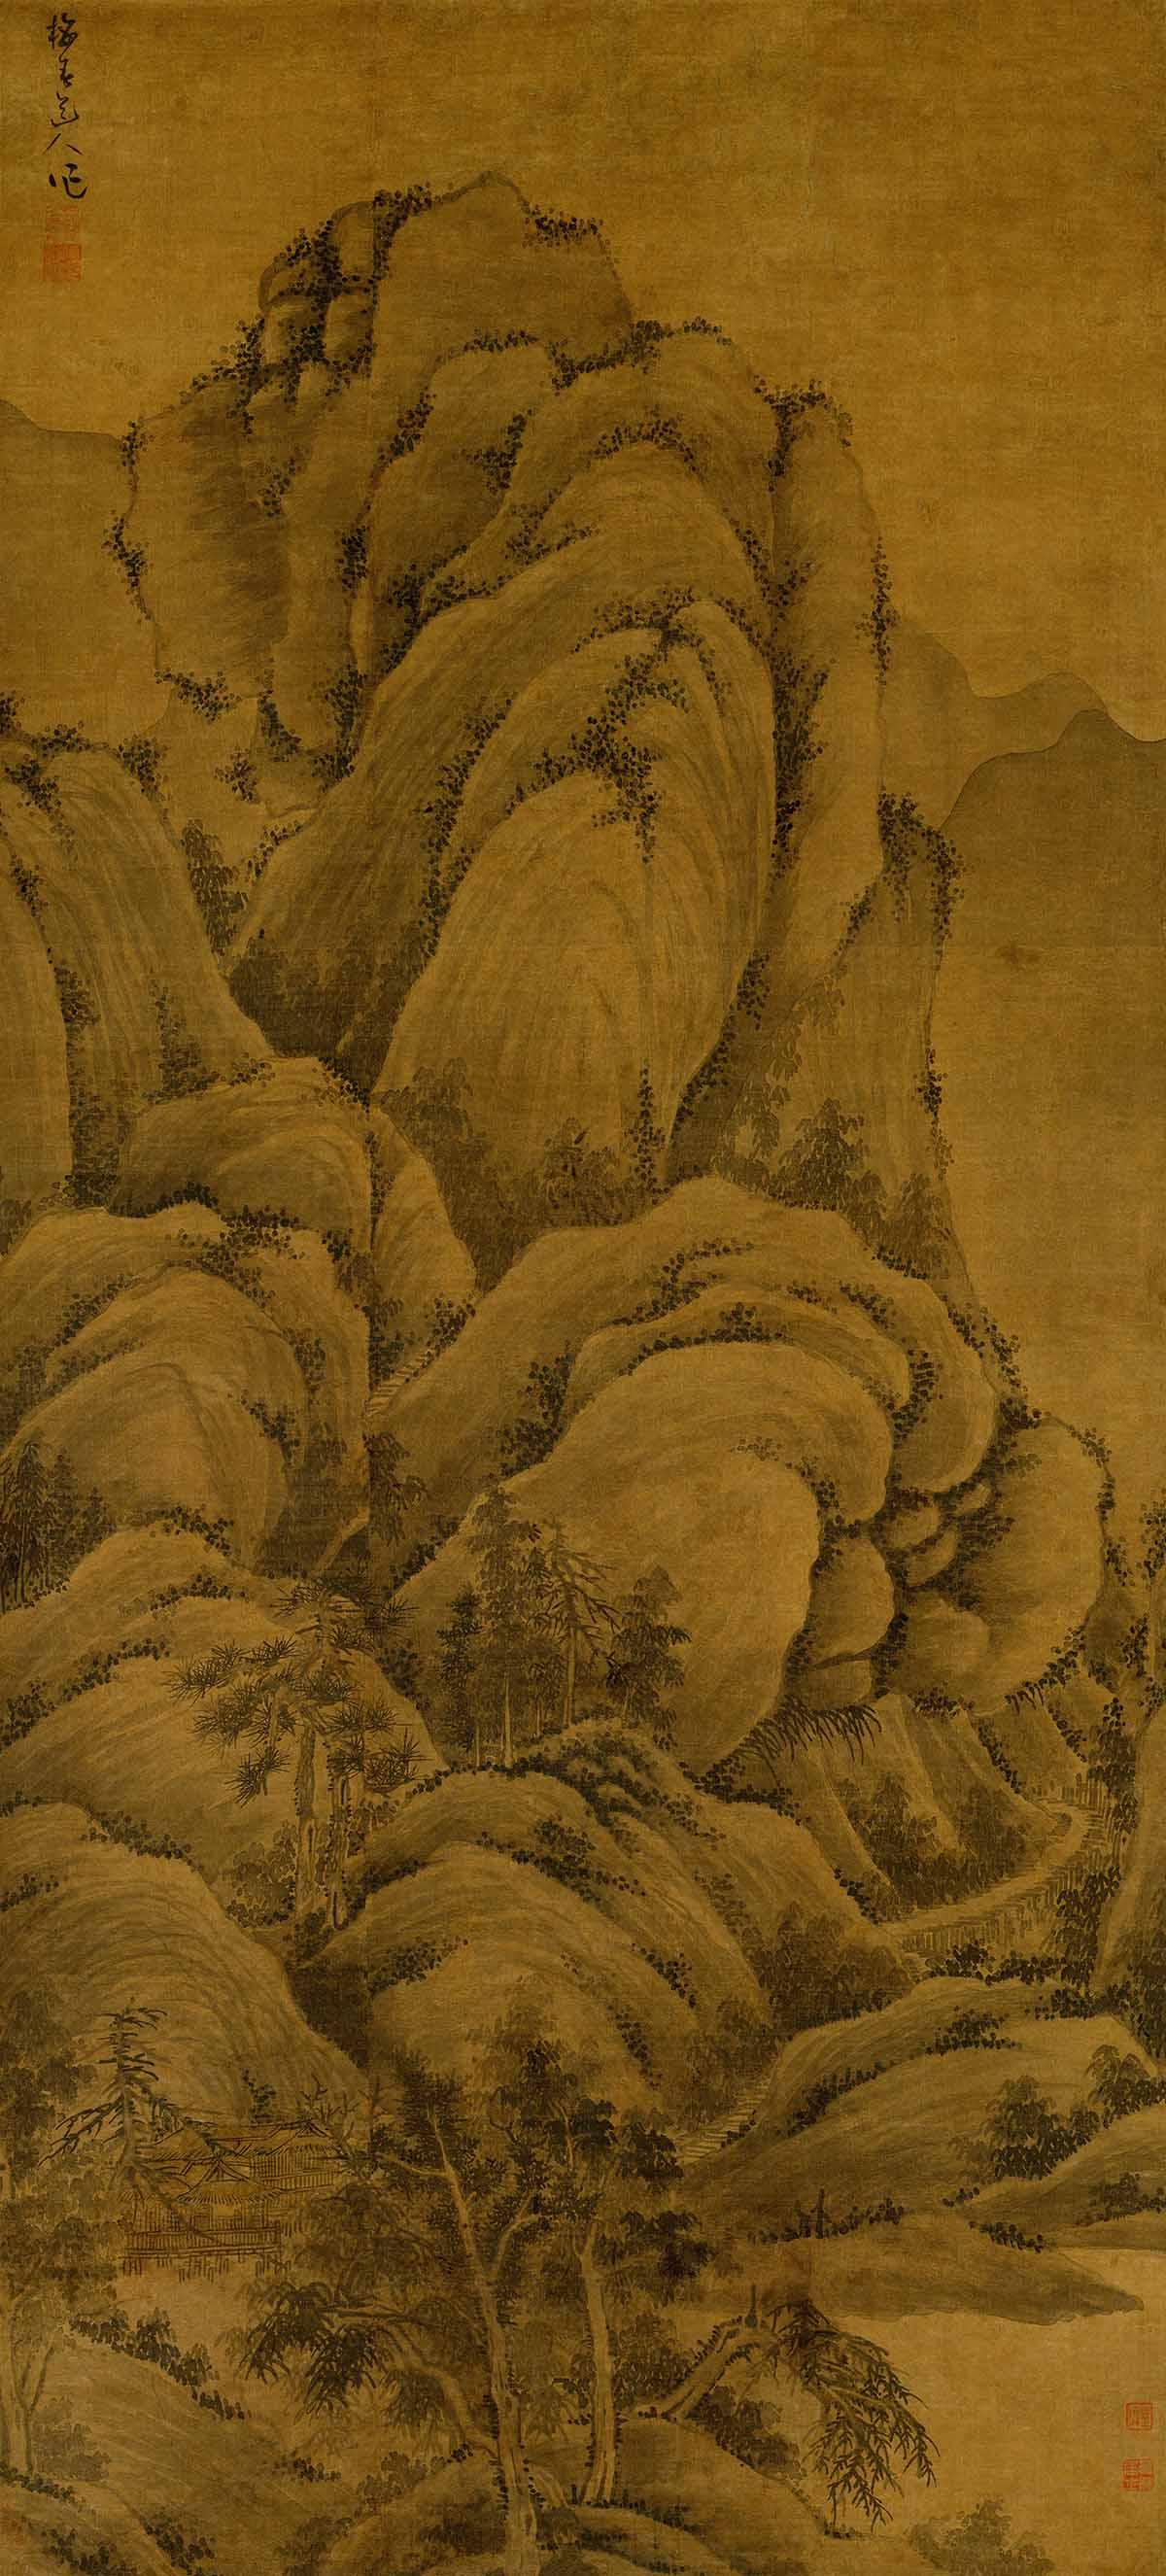 元 吴镇 溪山高隐图轴绢本160.5×73.4